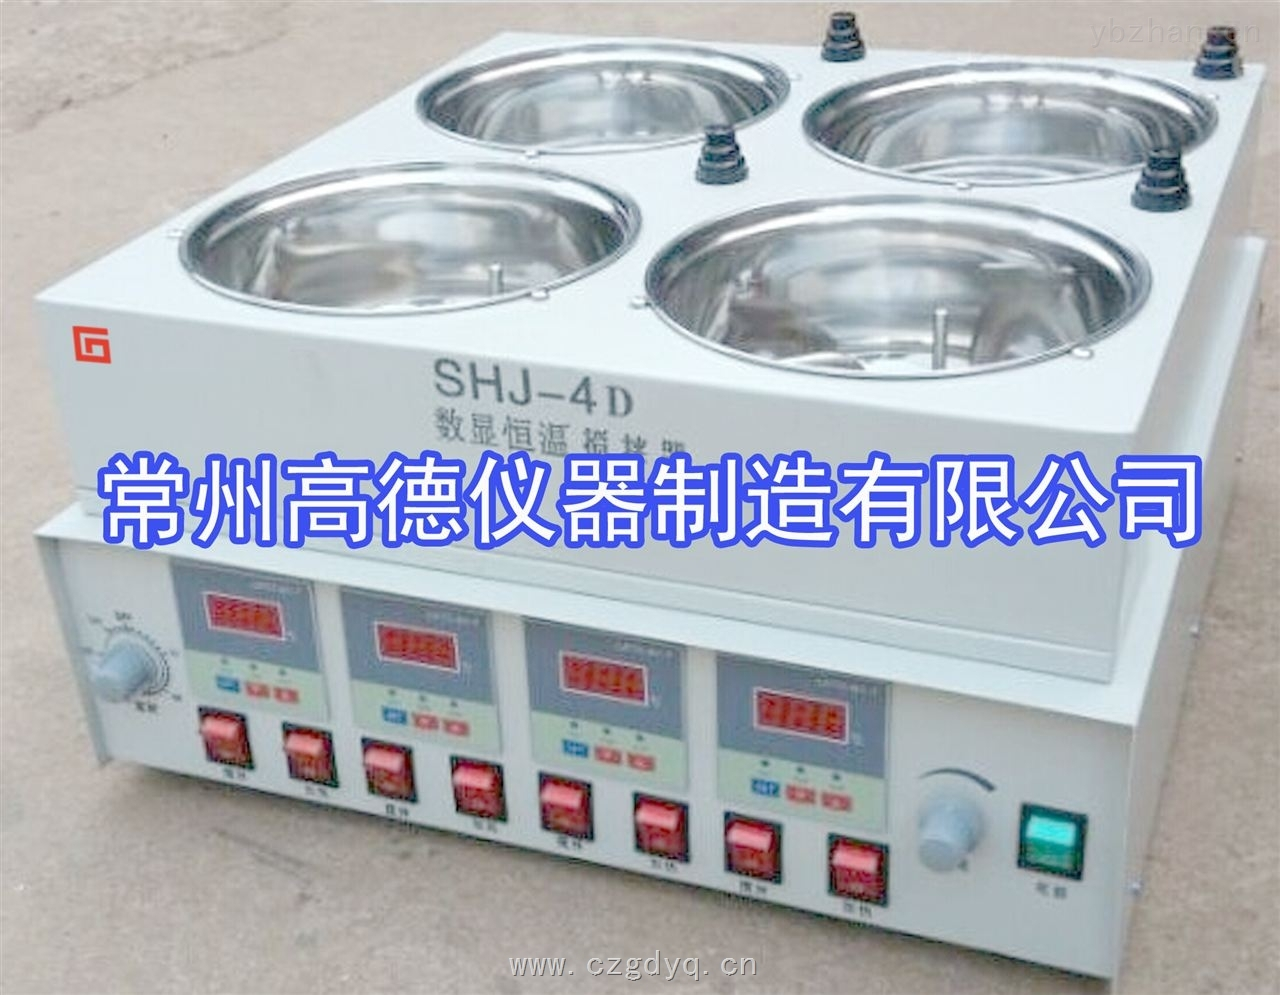 SHJ-4D-四倉恒溫水浴磁力攪拌器